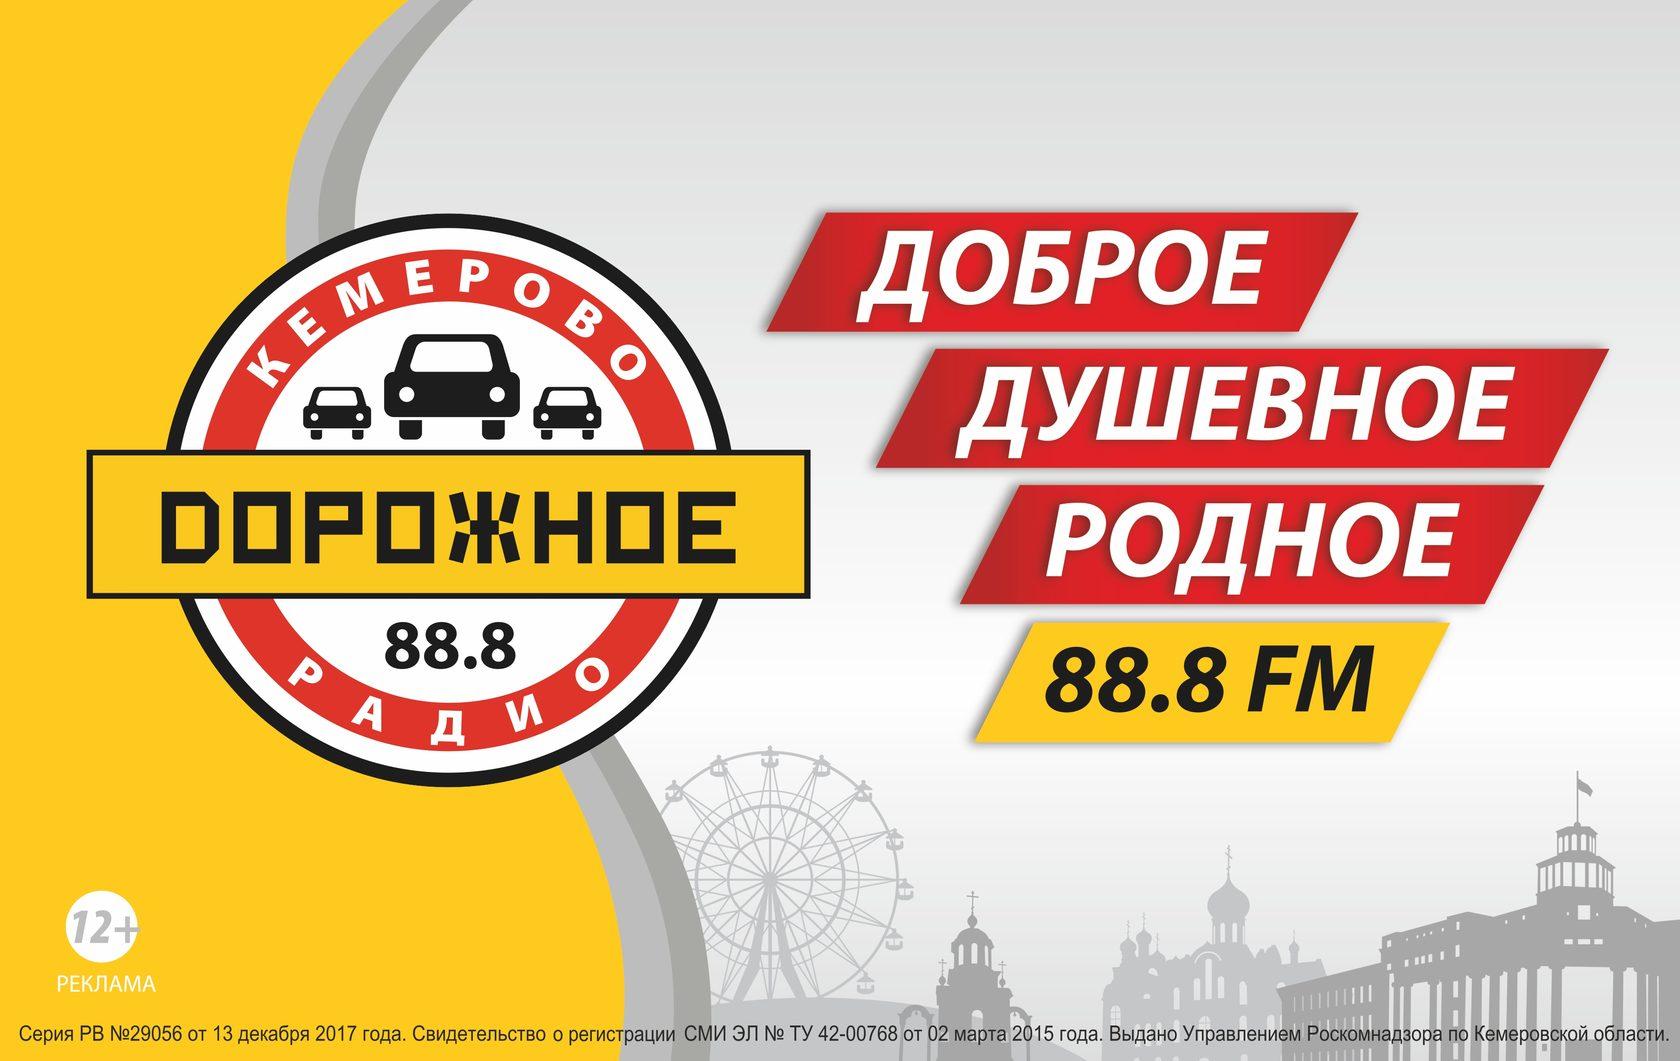 Передать поздравление на дорожное радио